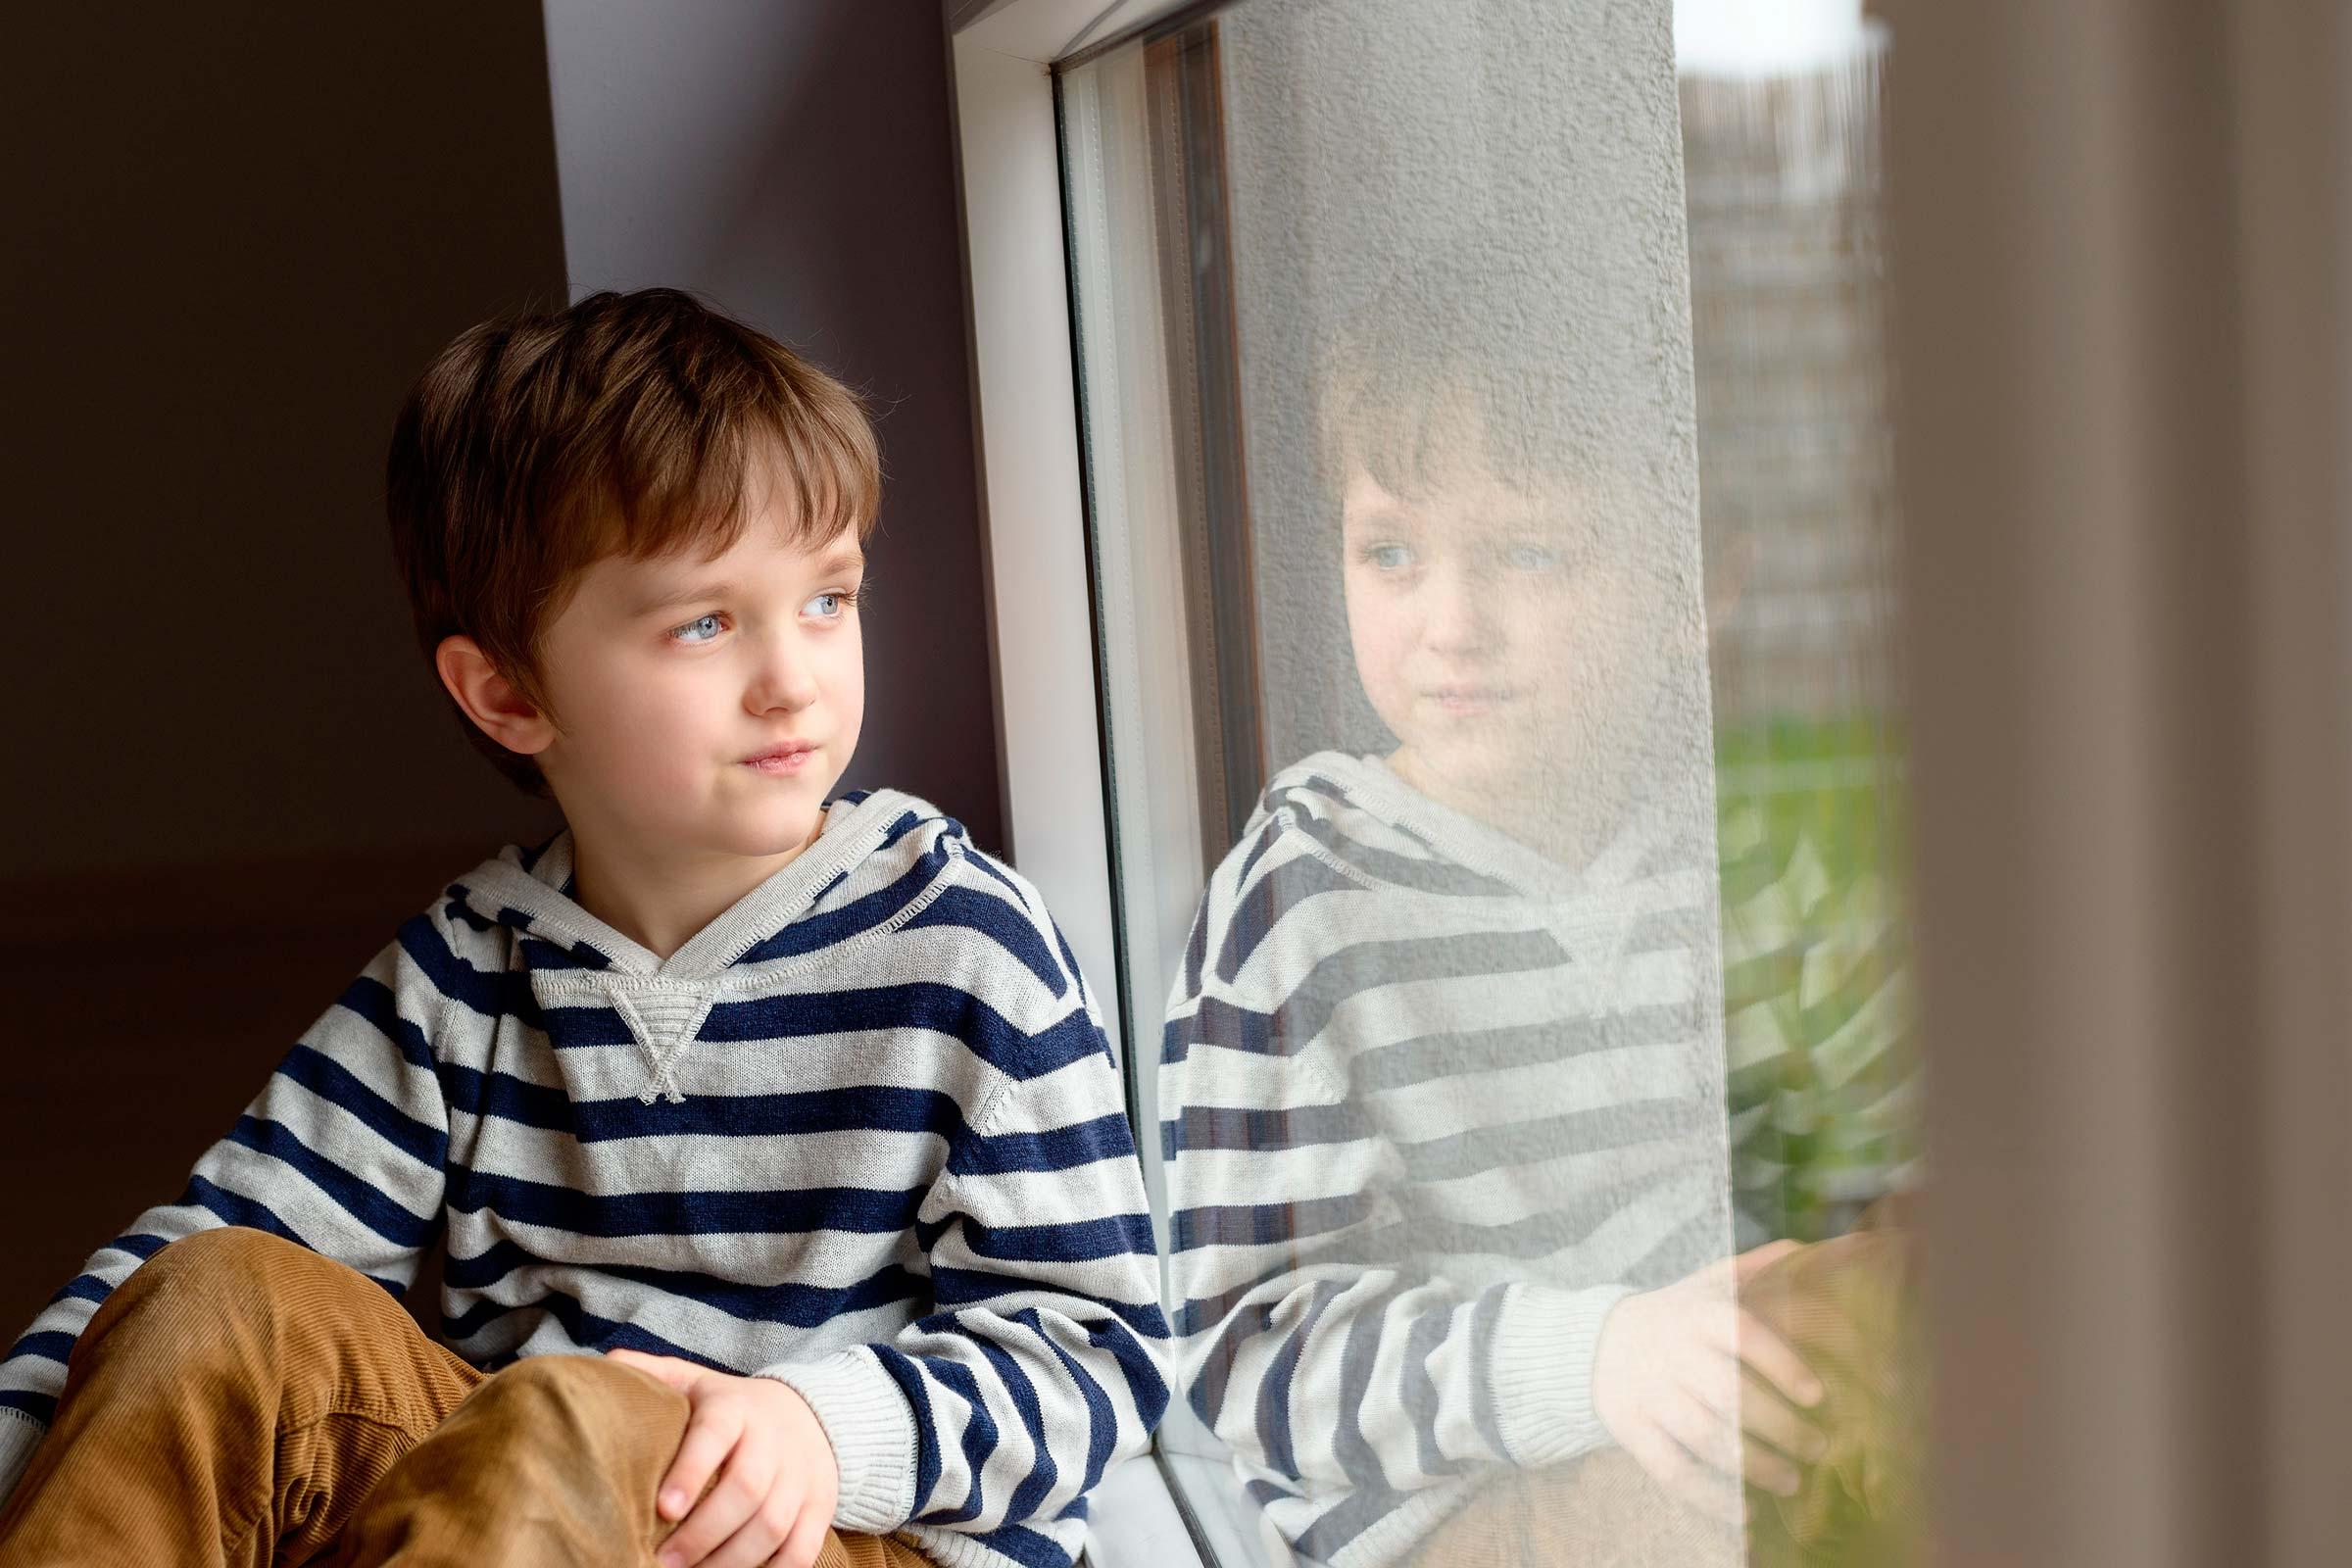 مهارتهای لازم والدین - دکتر طباطبایی